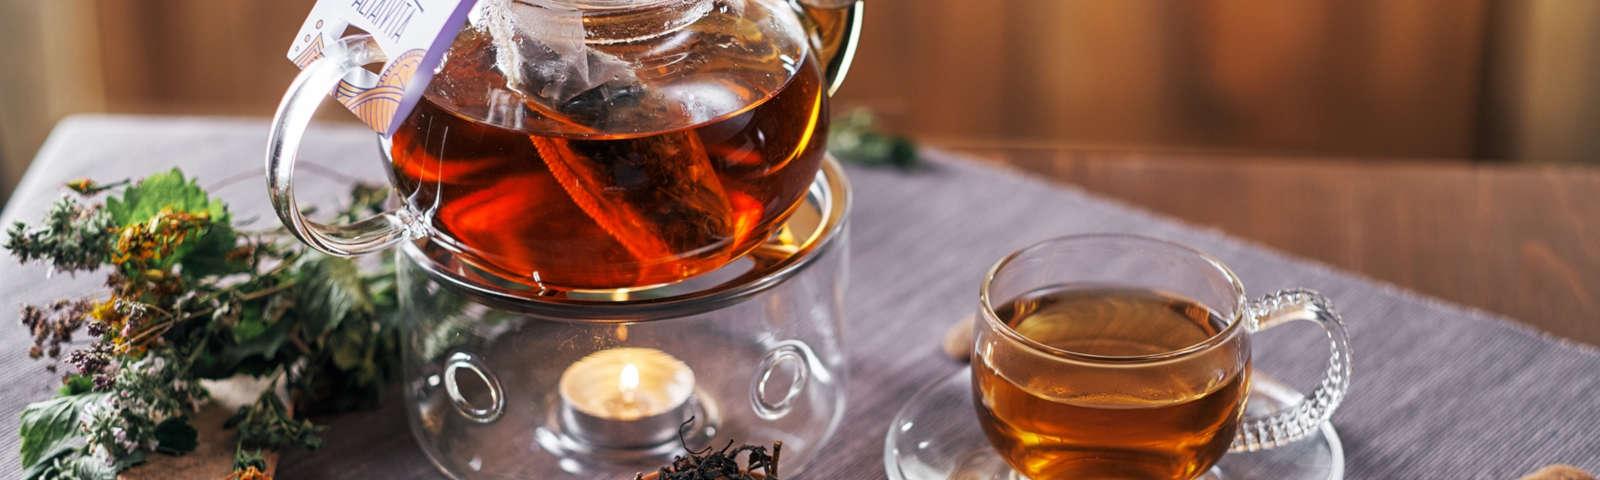 стеклянный чайный сервиз фото